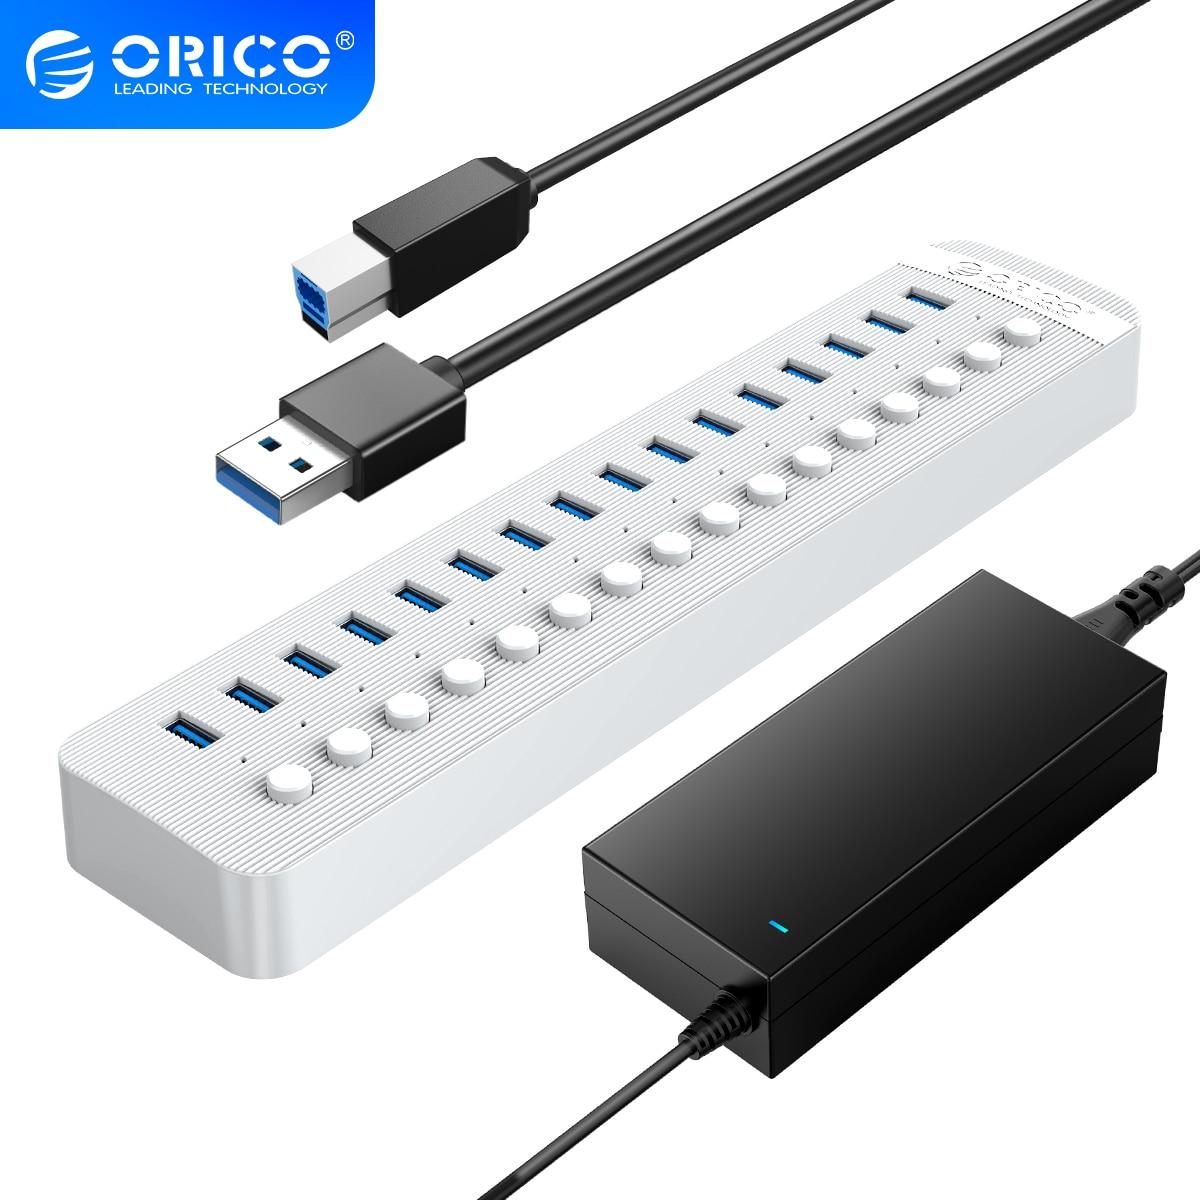 USB-Концентратор ORICO на 16 портов и блок питания на 12 В/3,0 А